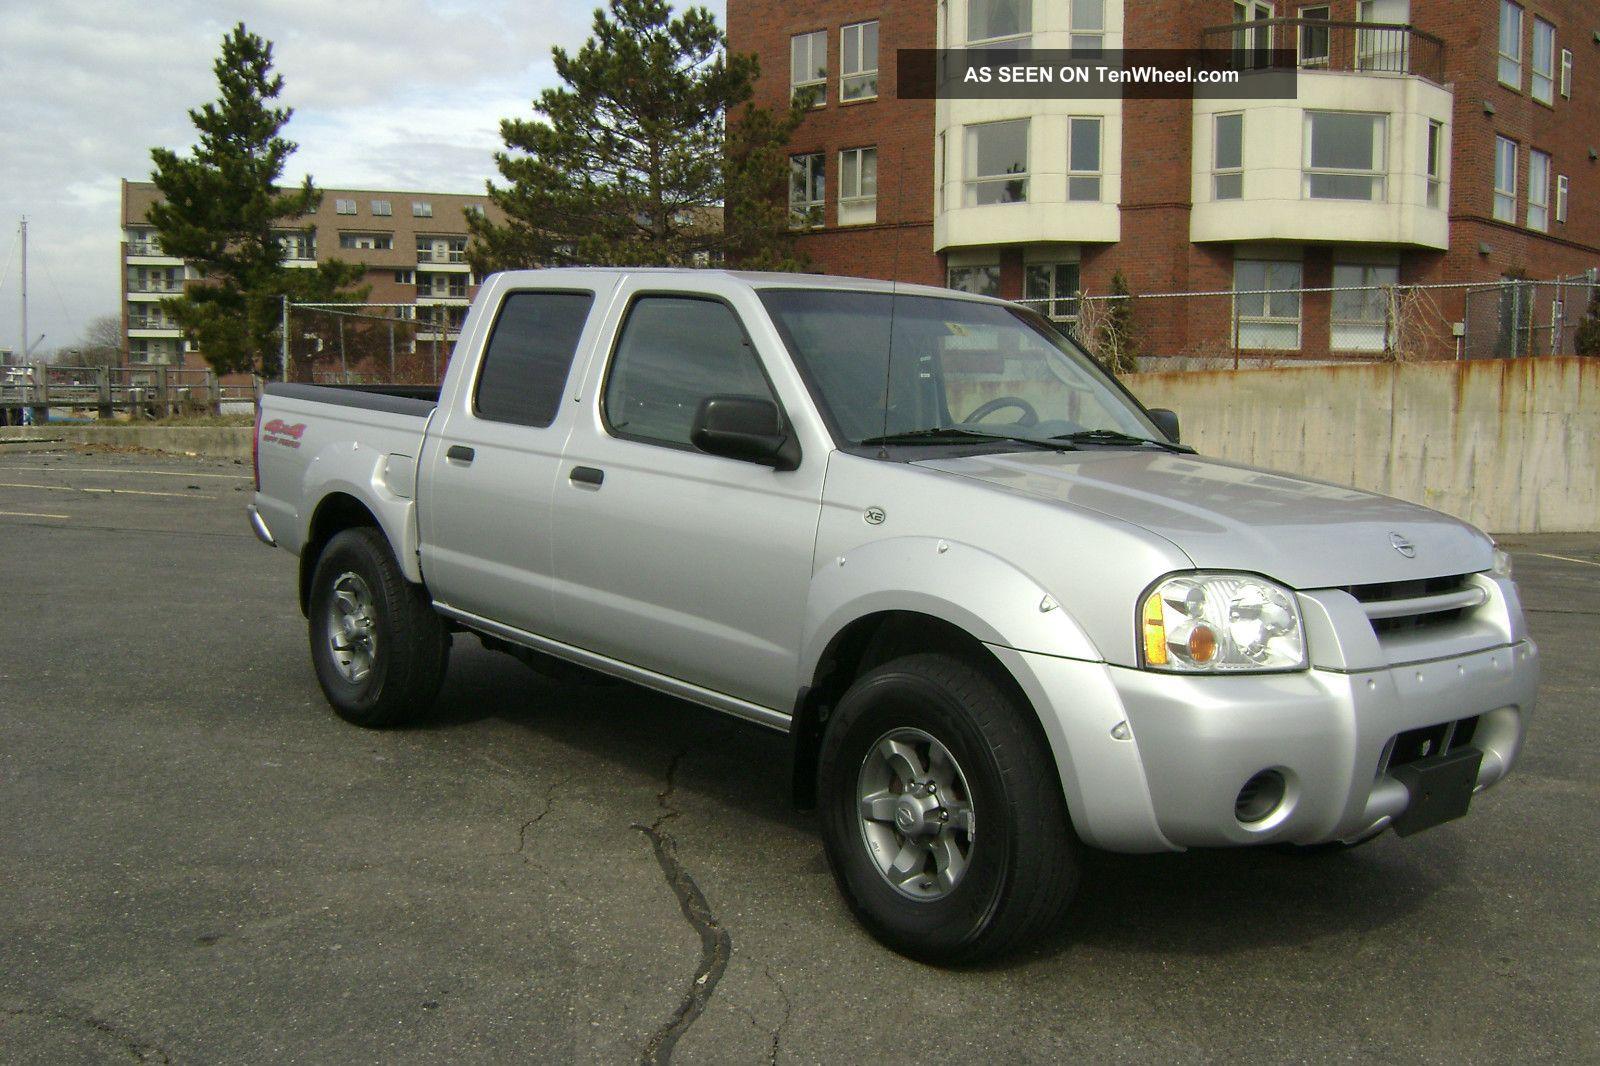 Nissan nissan frontier 2004 : 2004 Nissan Frontier Xe Crew Cab Pickup V6 Auto 4x4 Off Road Pkg